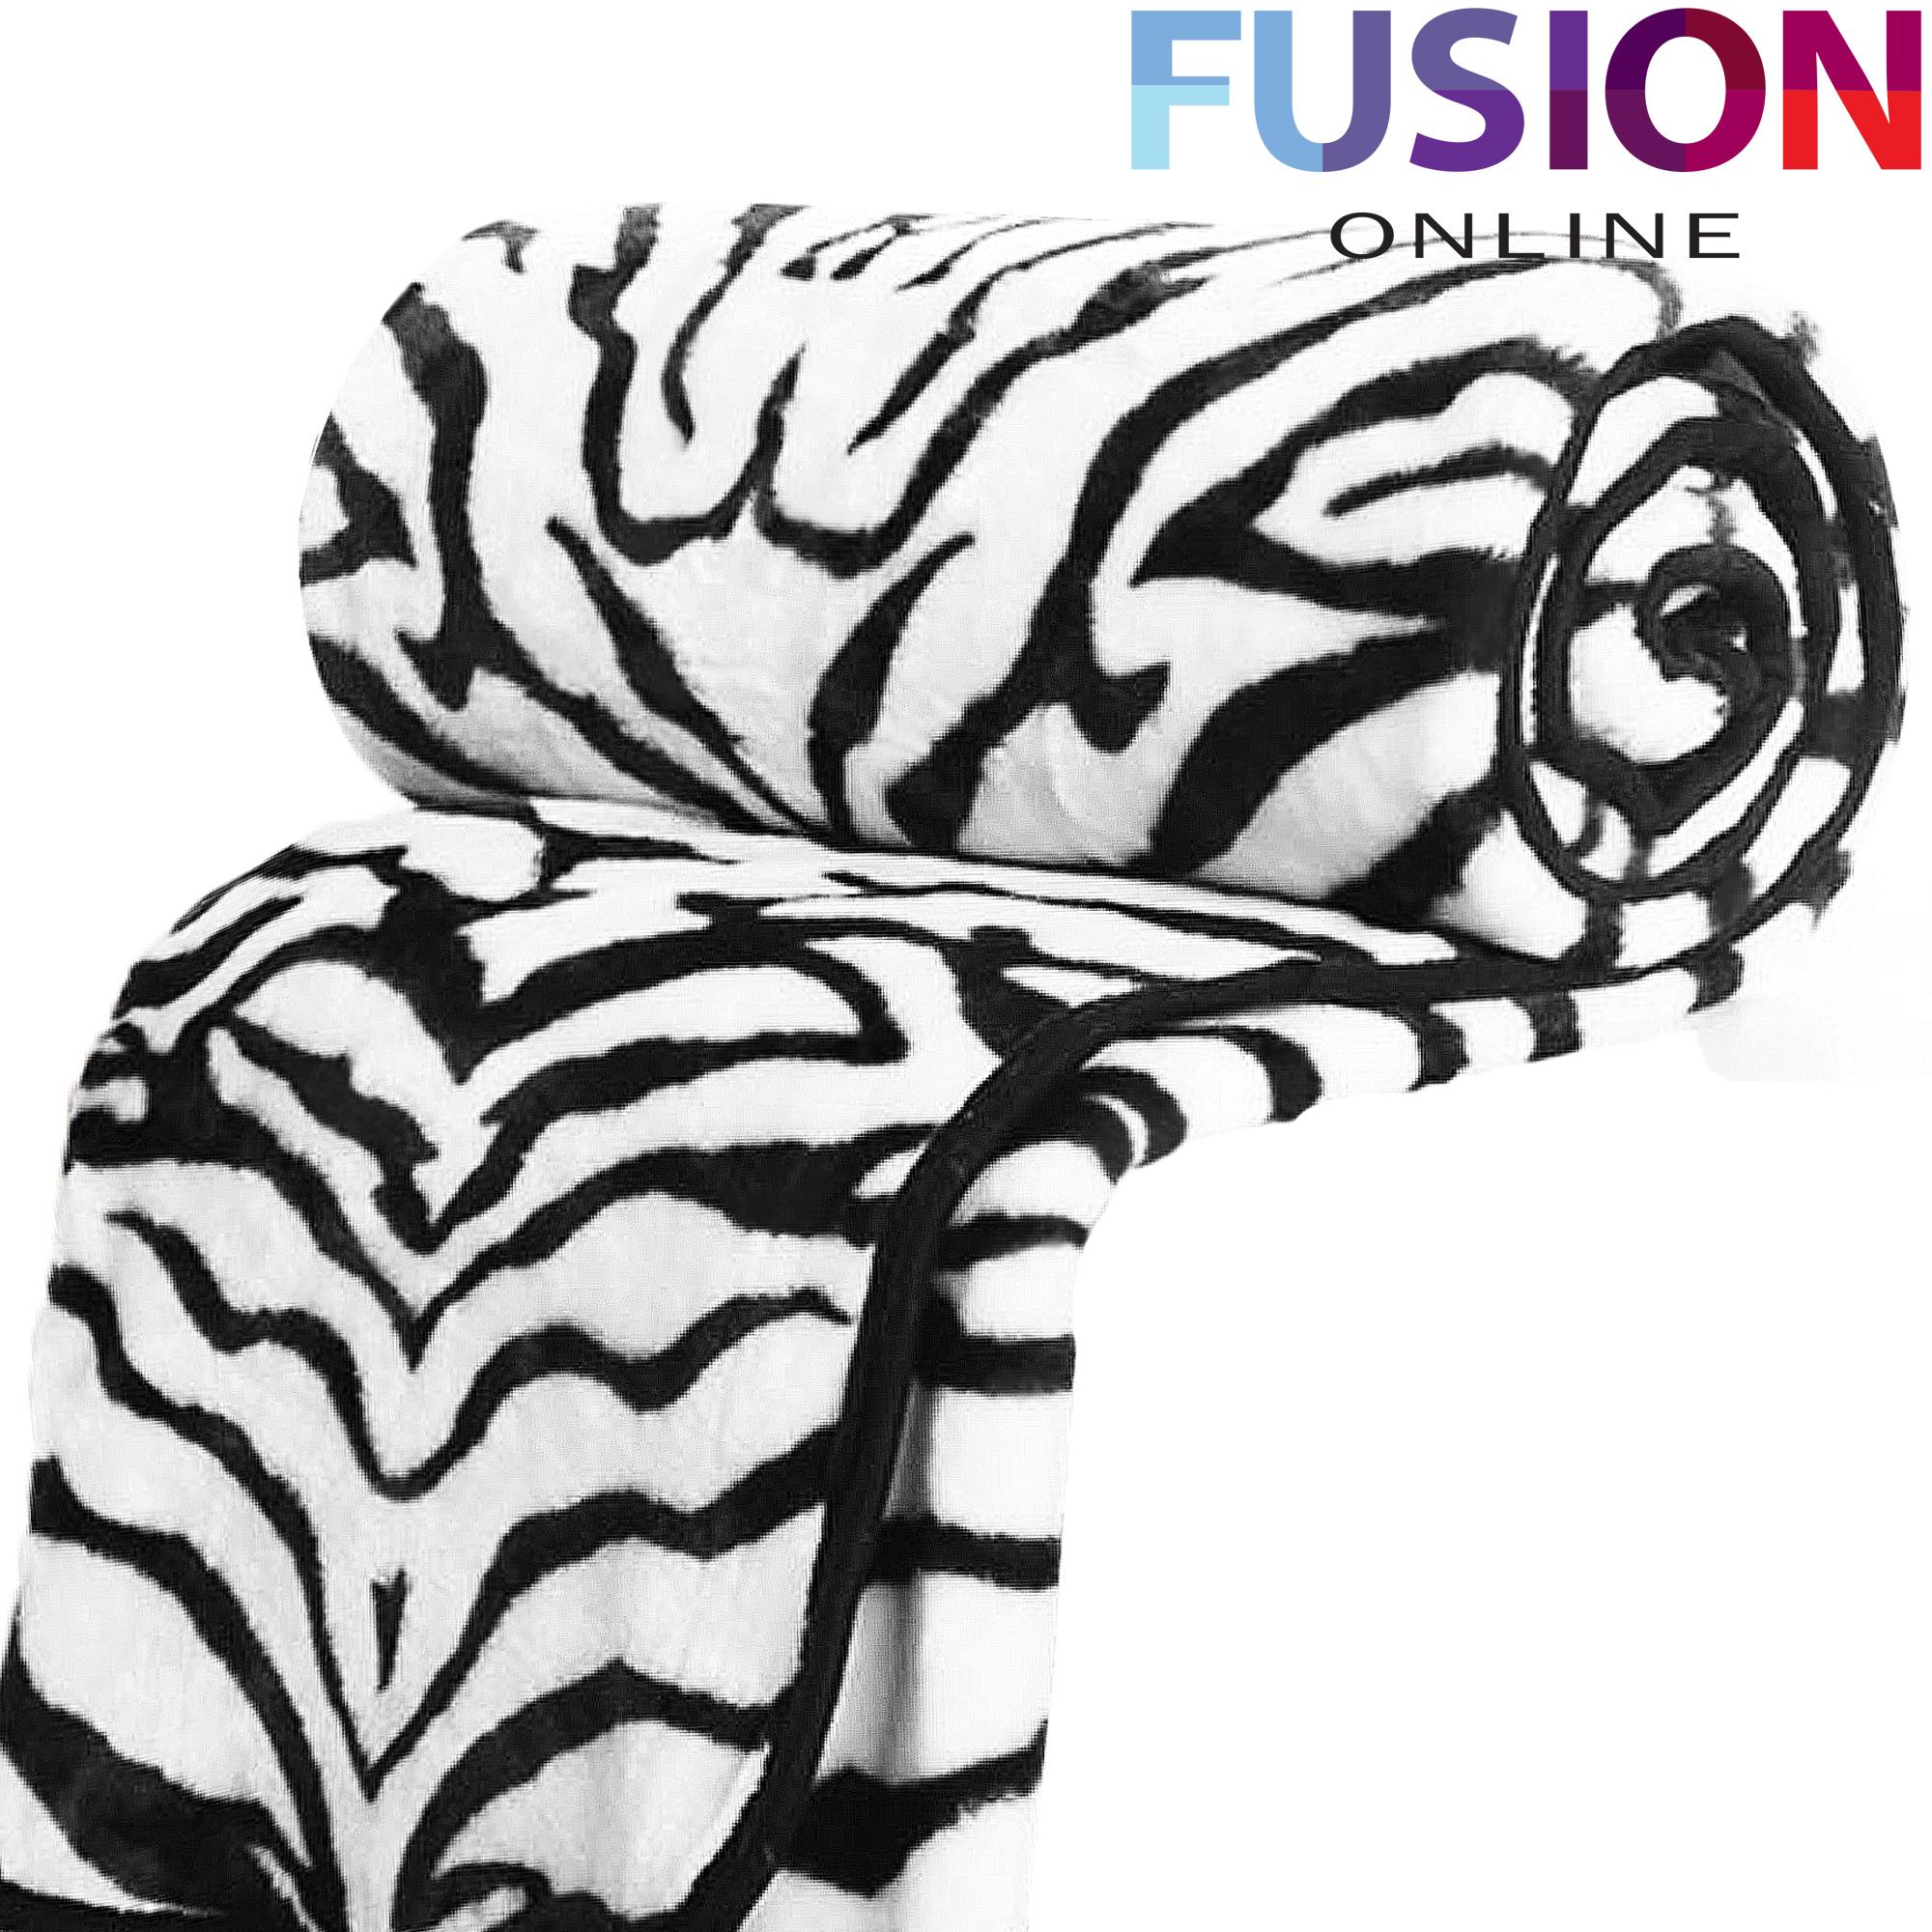 warm blanket clipart. animalprintsuperluxurysoftfauxfurmink warm blanket clipart